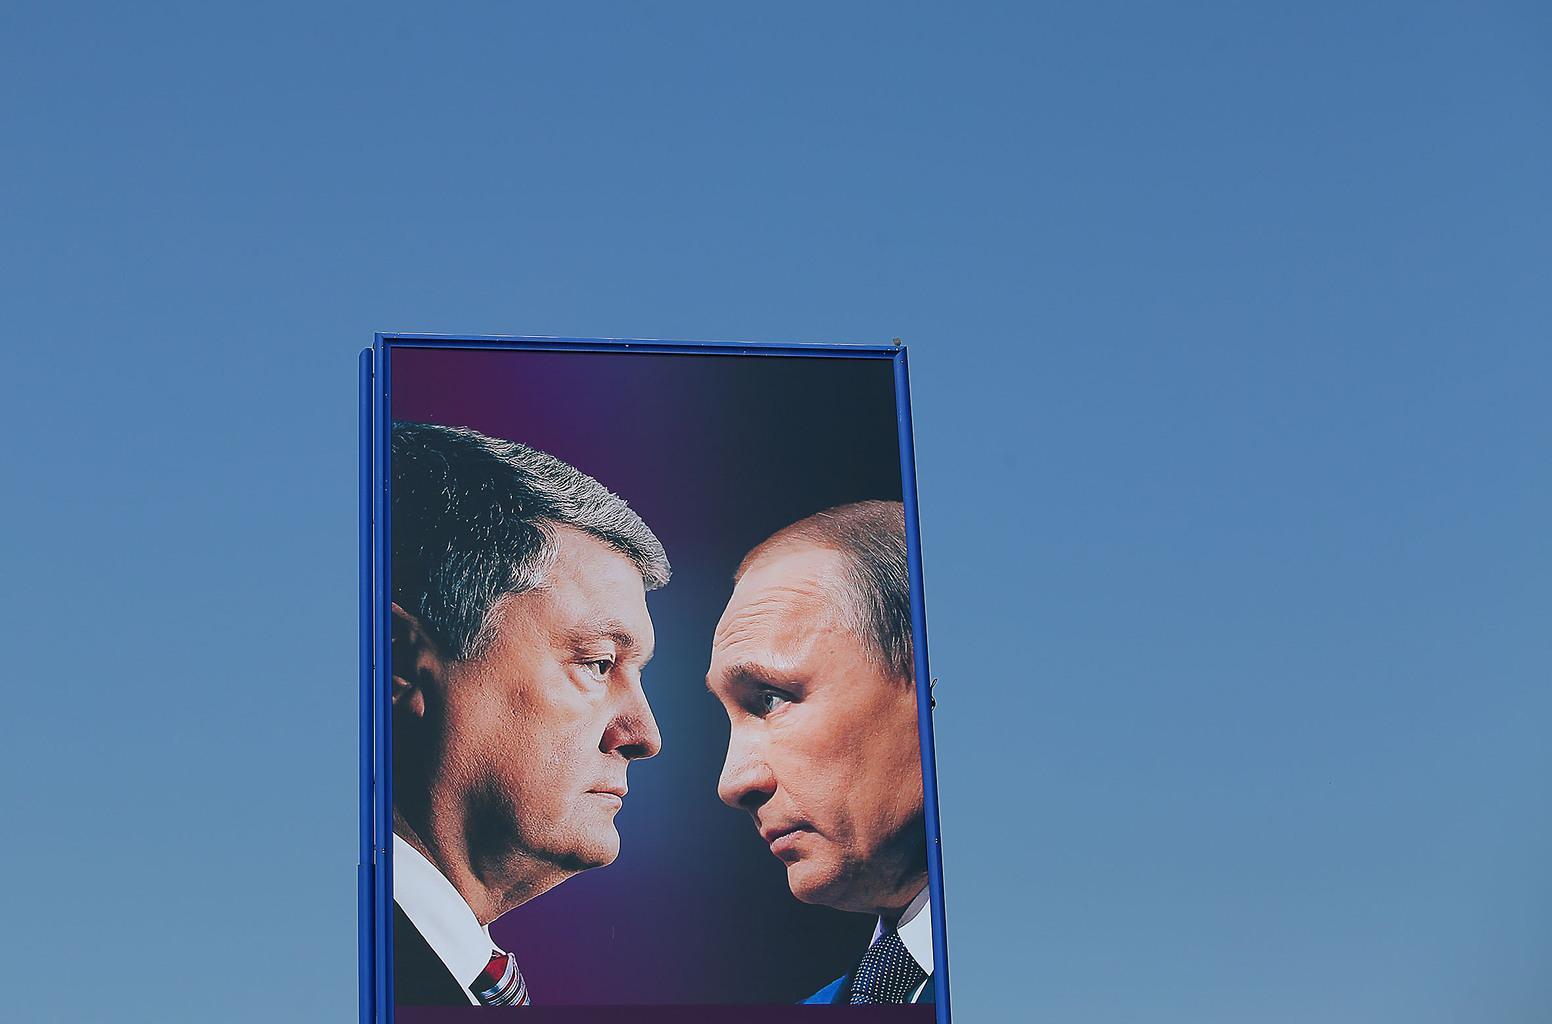 """""""Miközben tehát az ukrán elnök a nyilvánosság előtt """"orosz vért ivott reggelire"""", Putyinnal nagyon is szívélyesen elcsevegett"""" Választási kampányplakát Kijevben 2019-ben #moszkvater"""